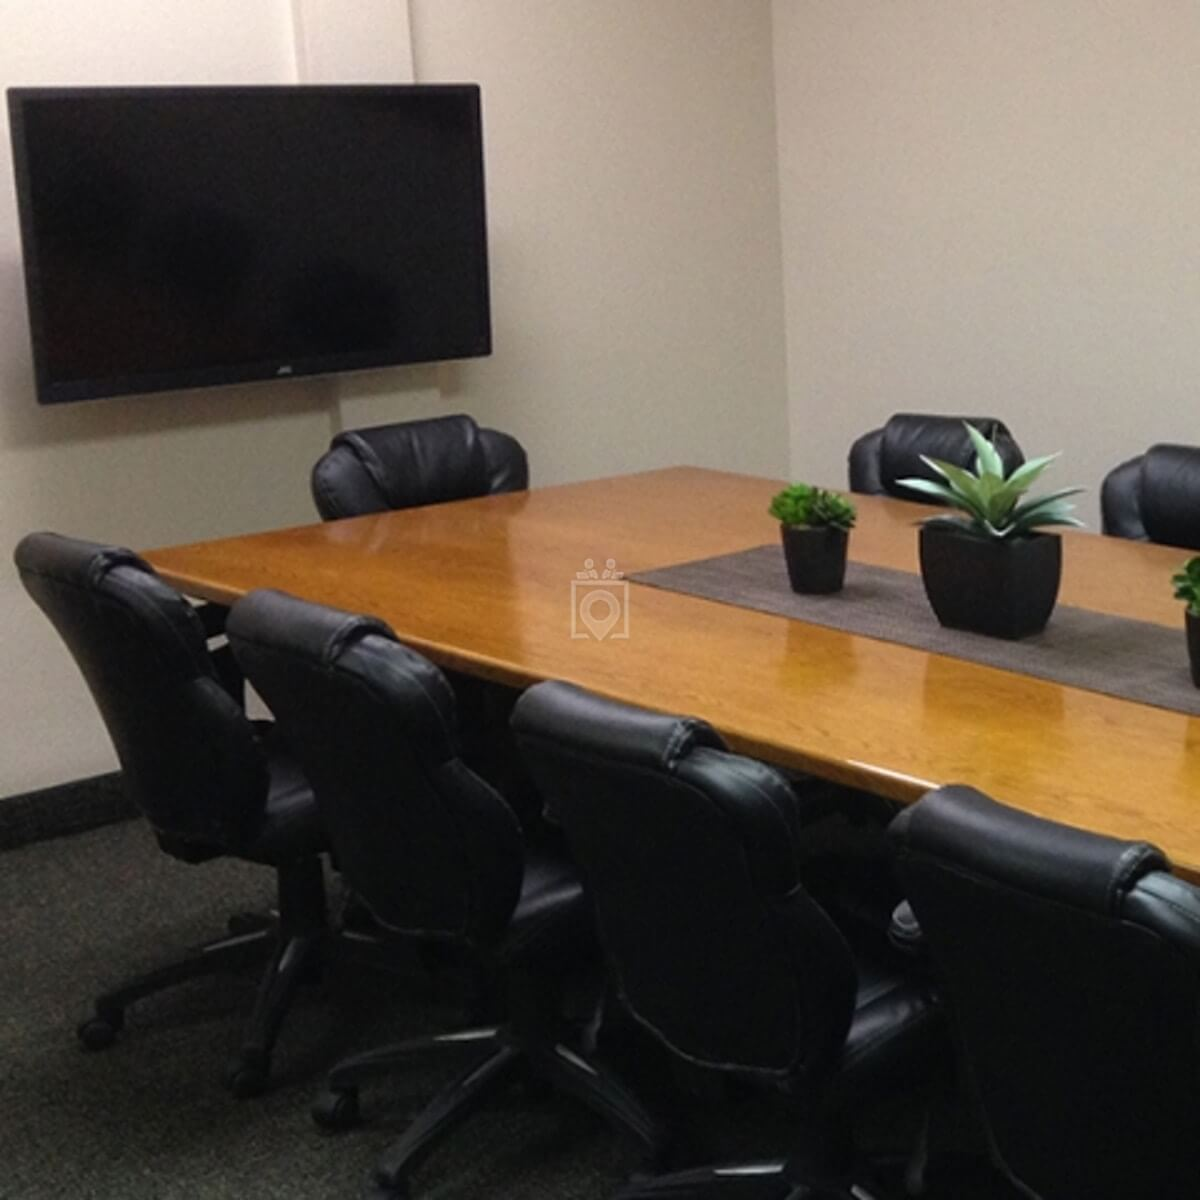 Cybex Business Center